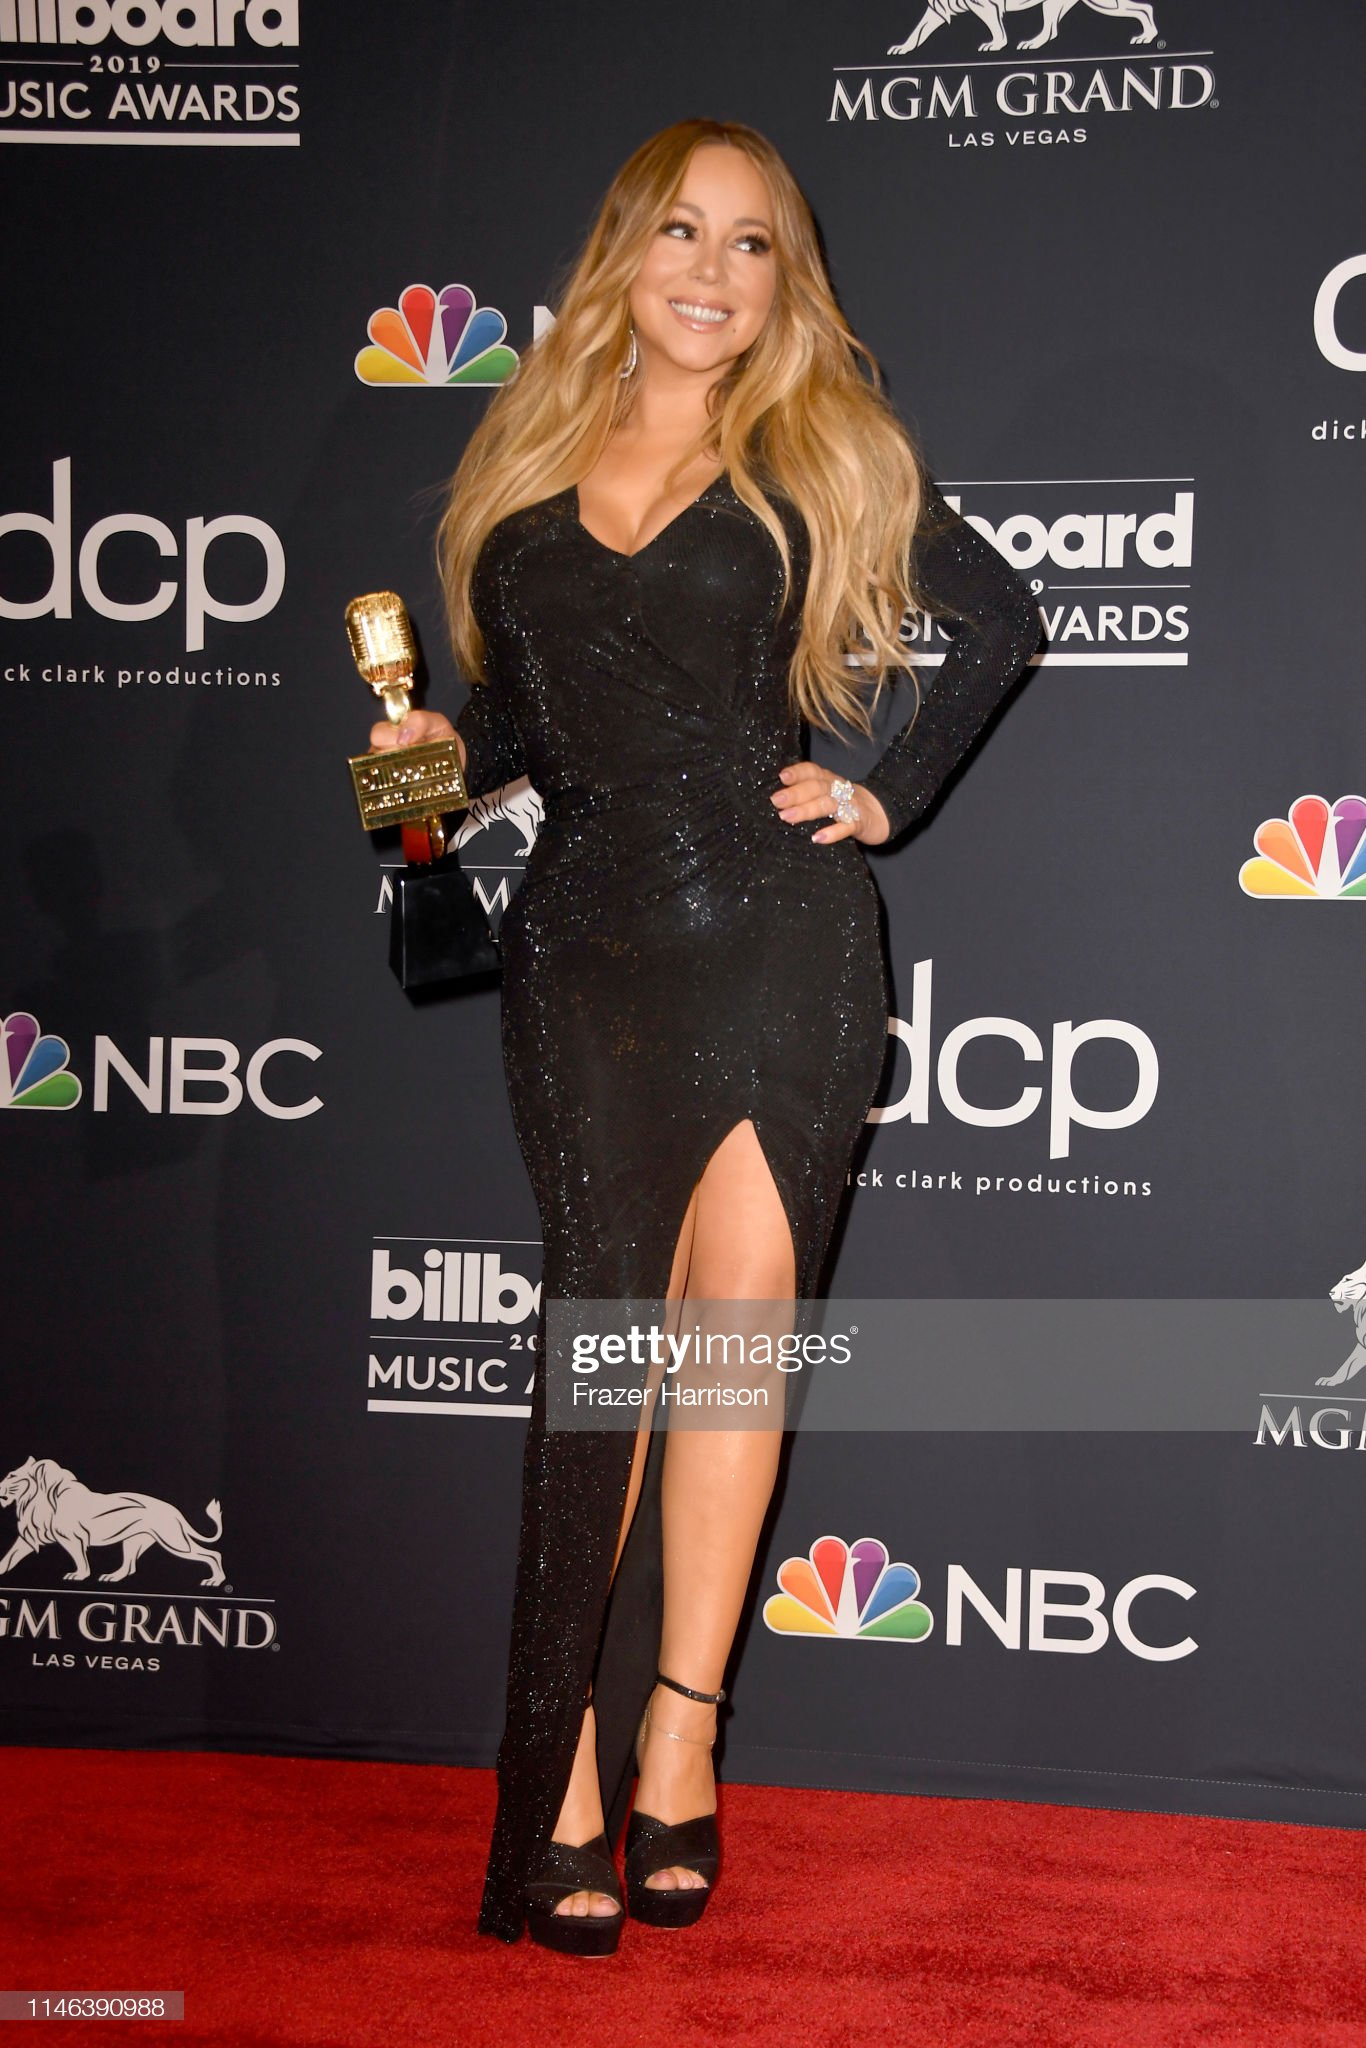 mariah-carey-poses-with-the-icon-award-i